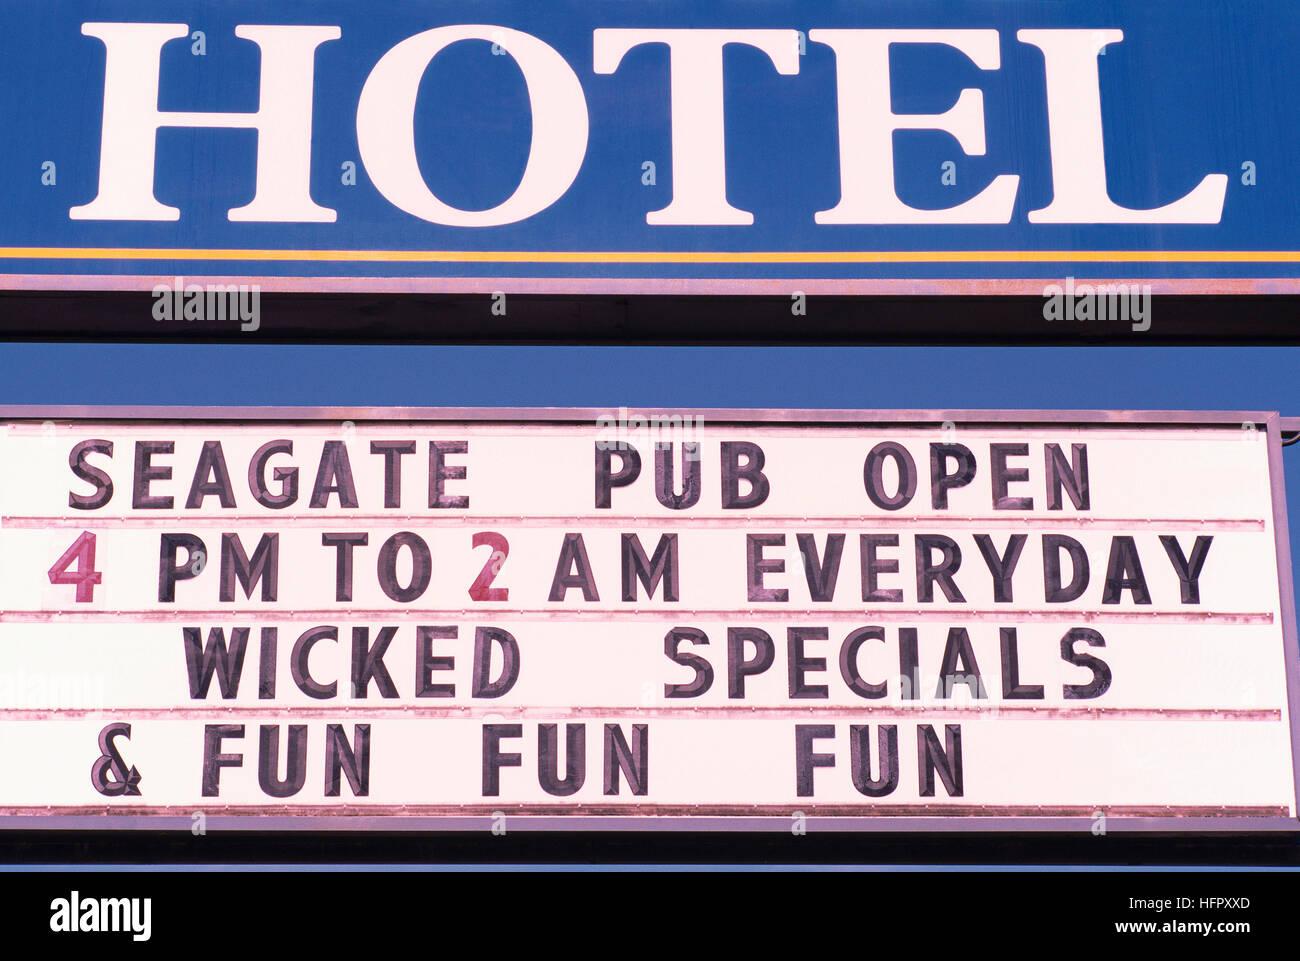 Hotel PUBLICIDAD FIRME Seagate pub abierto cada día - Wicked ofertas y divertido anuncio de entretenimiento Imagen De Stock